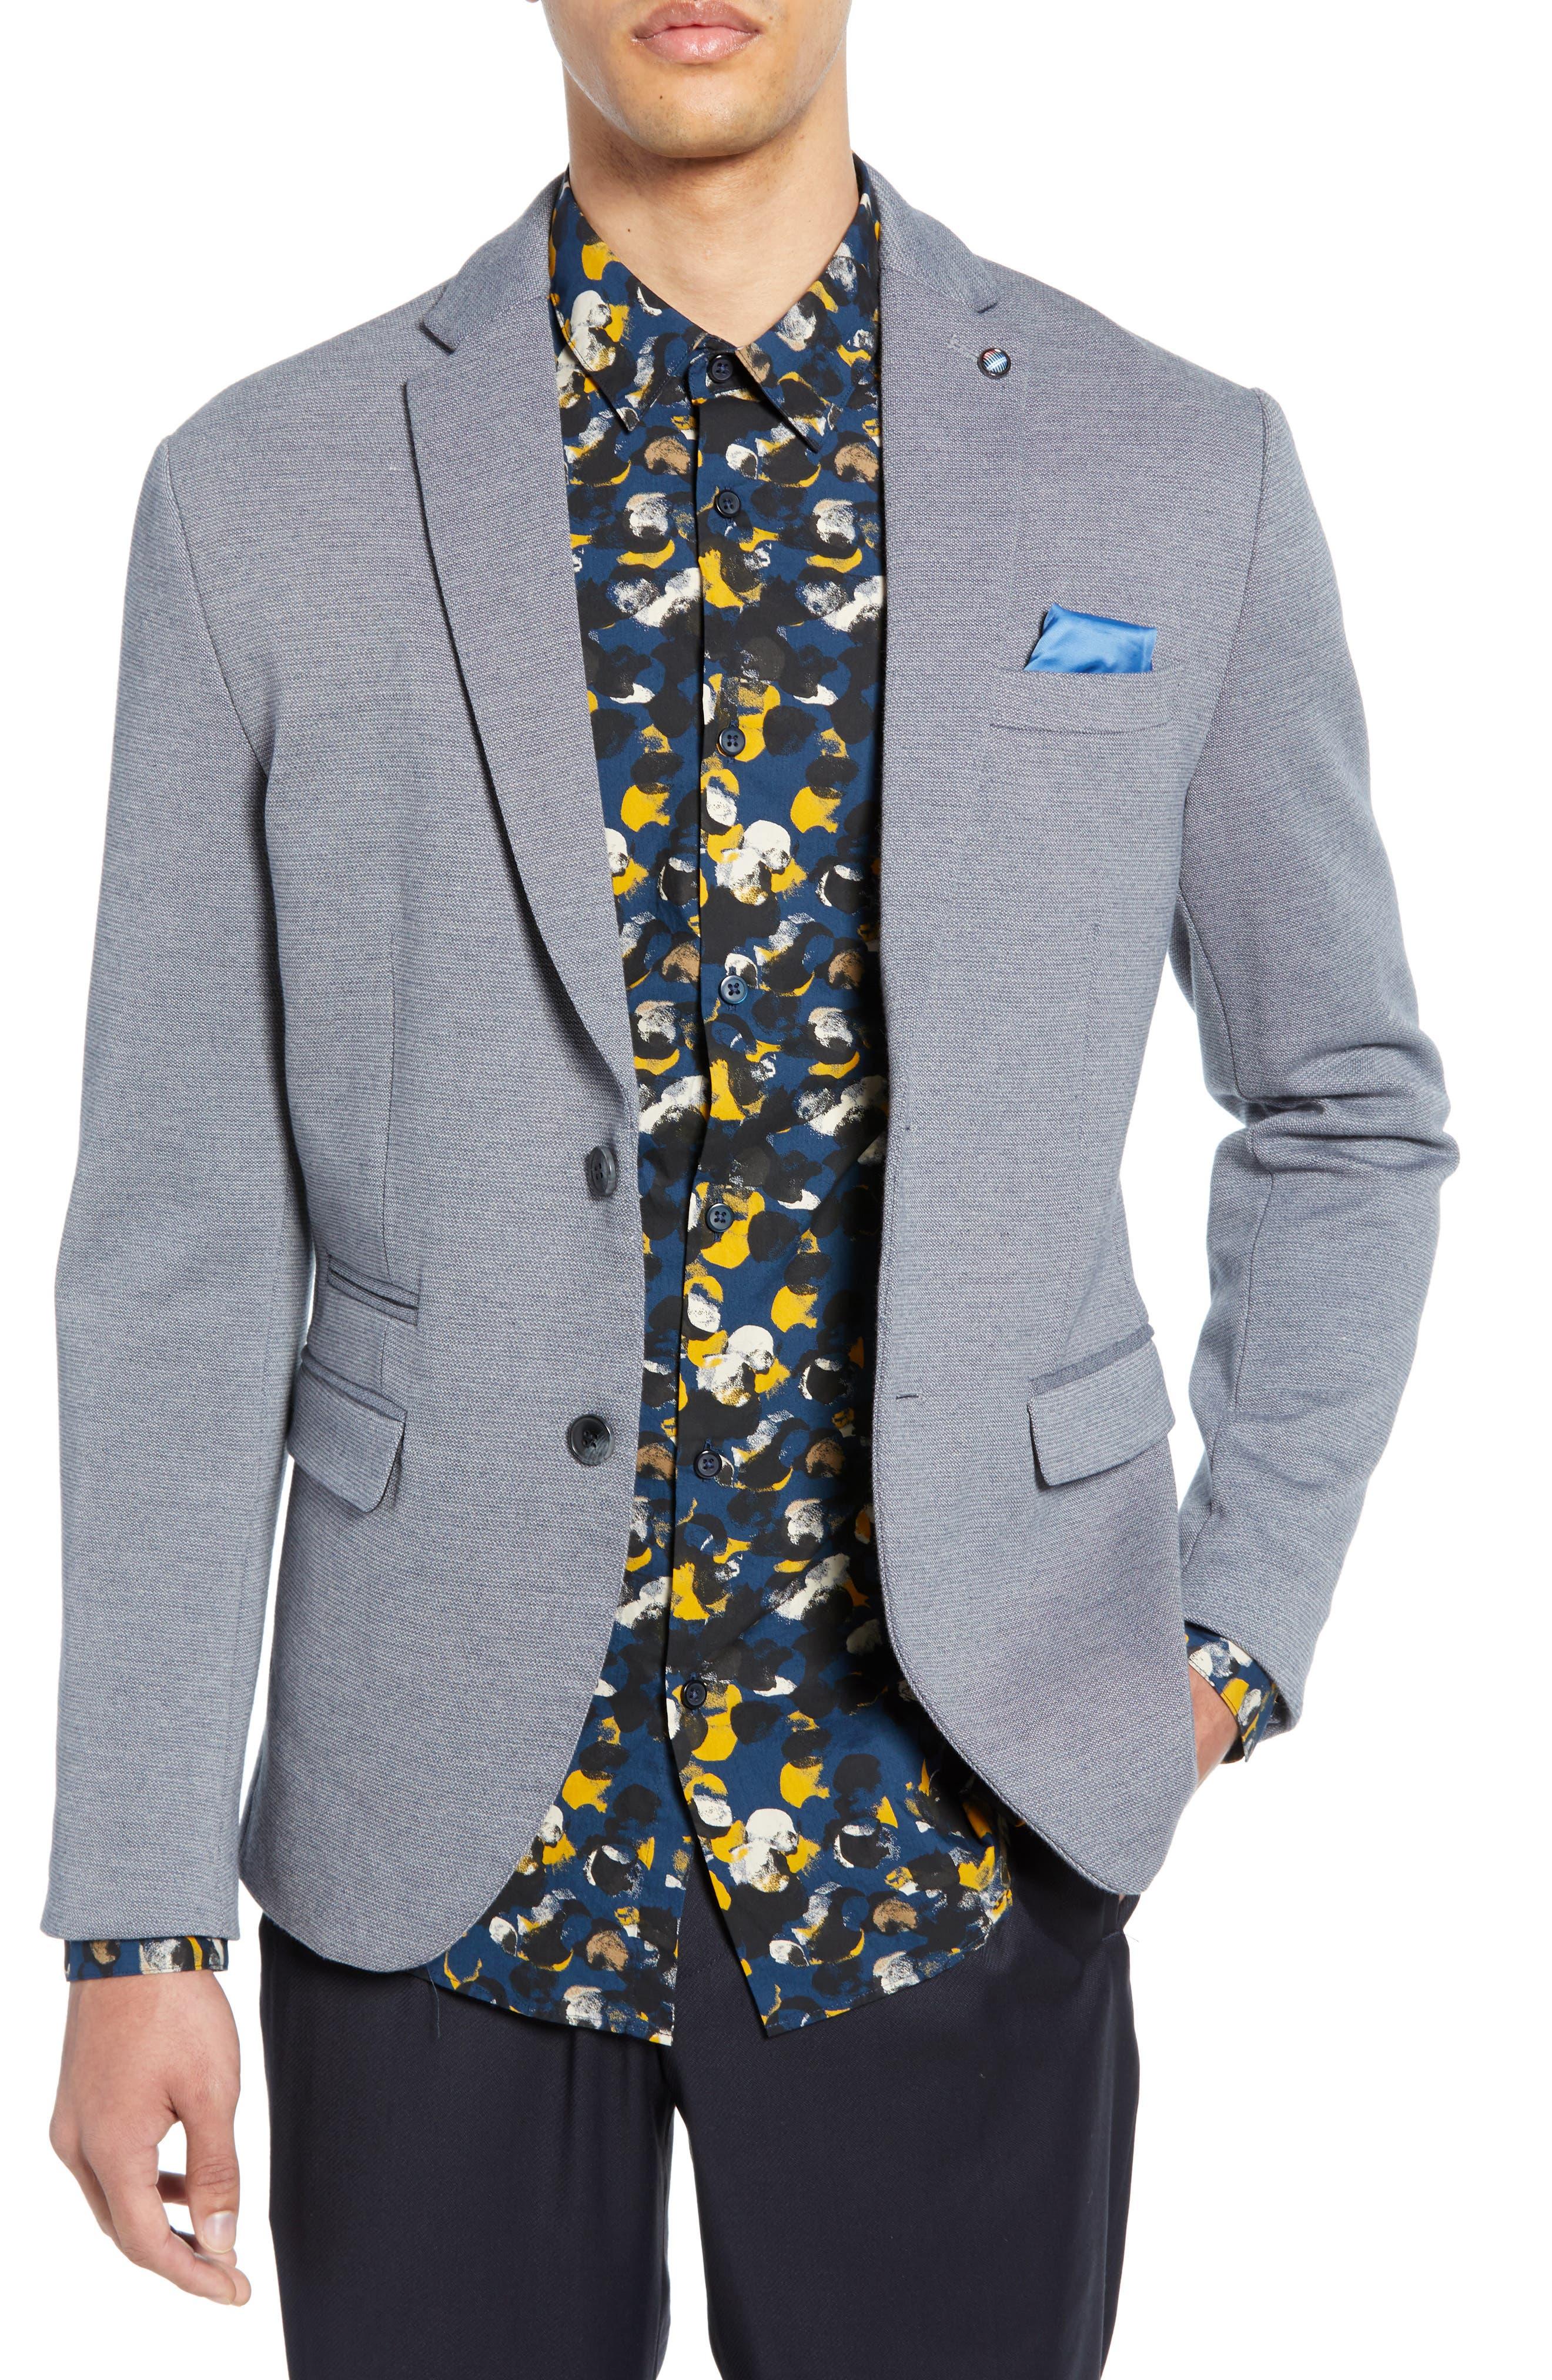 SELECTED HOMME Slim Fit Sport Coat, Main, color, GREY MELANGE